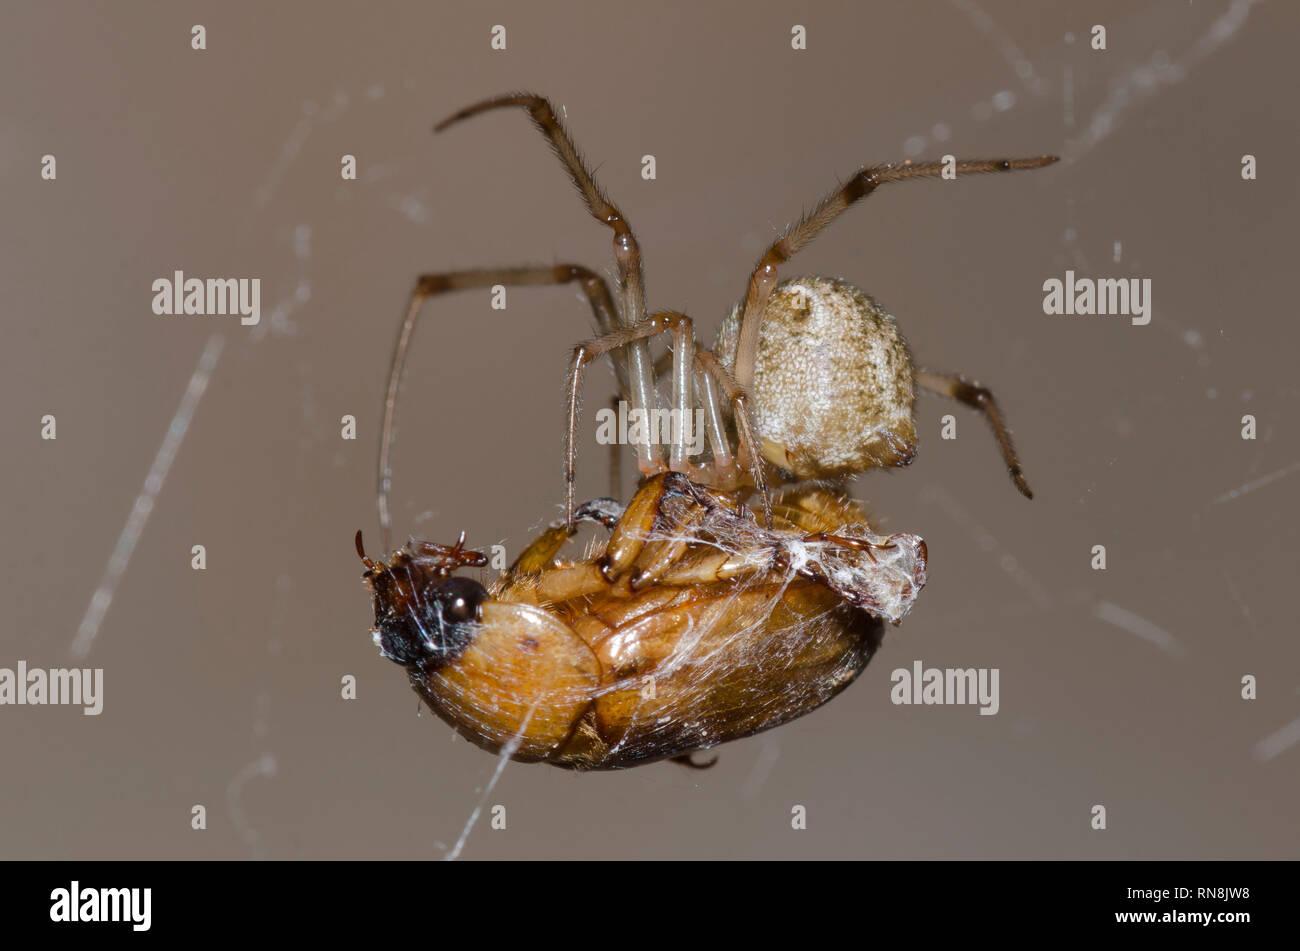 Cobweb Spider, Family Theridiidae, feeding on captured scarab beetle, Family Scarabaeidae - Stock Image